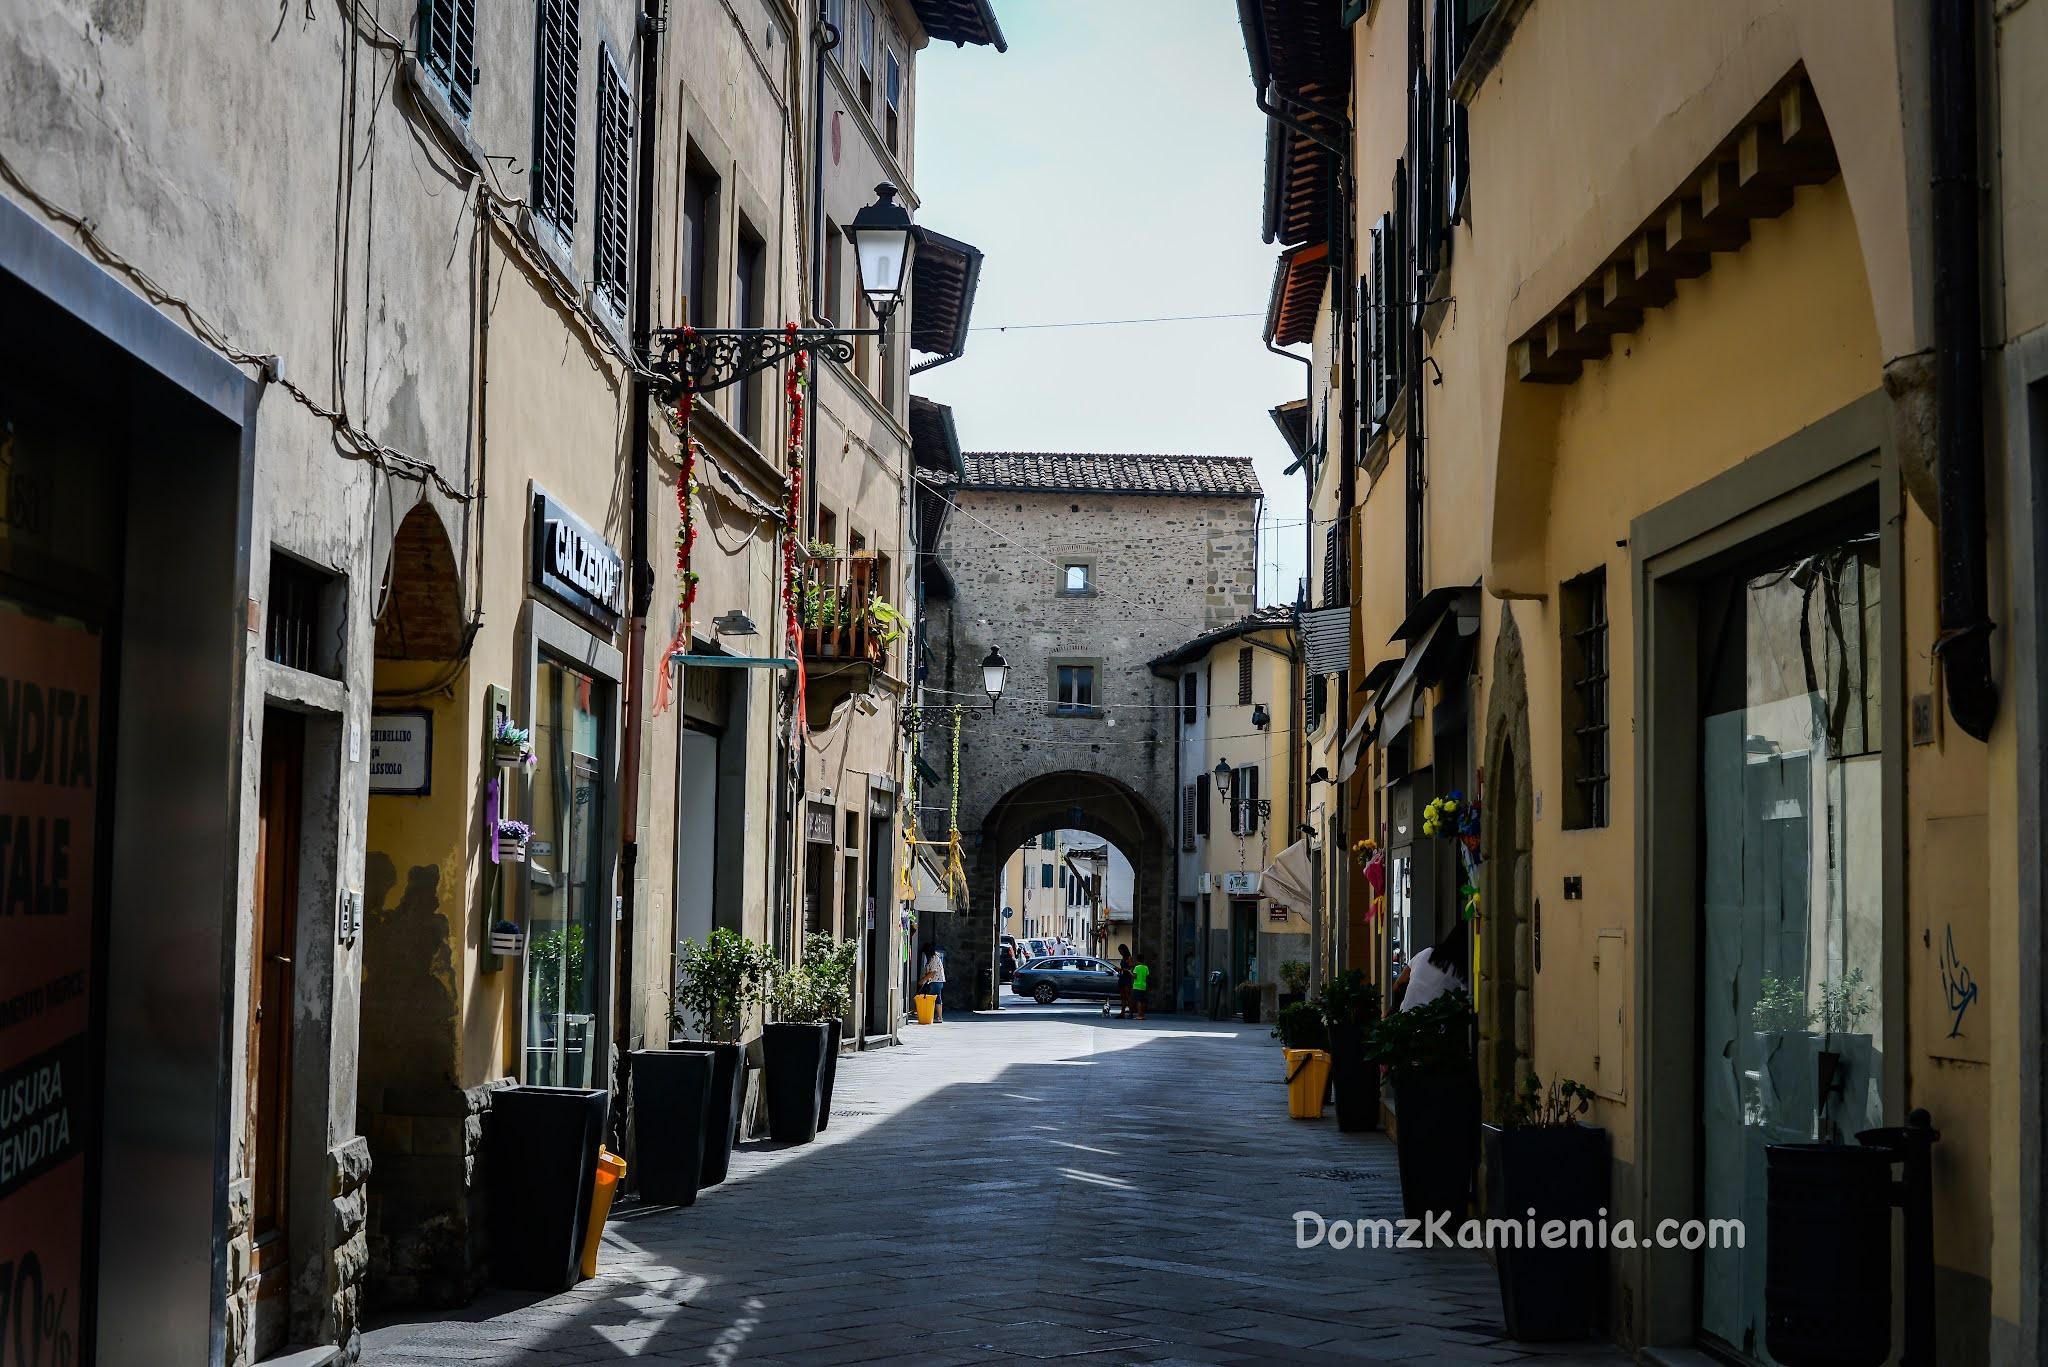 Dom z Kamienia, Mugello, blog o życiu we Włoszech